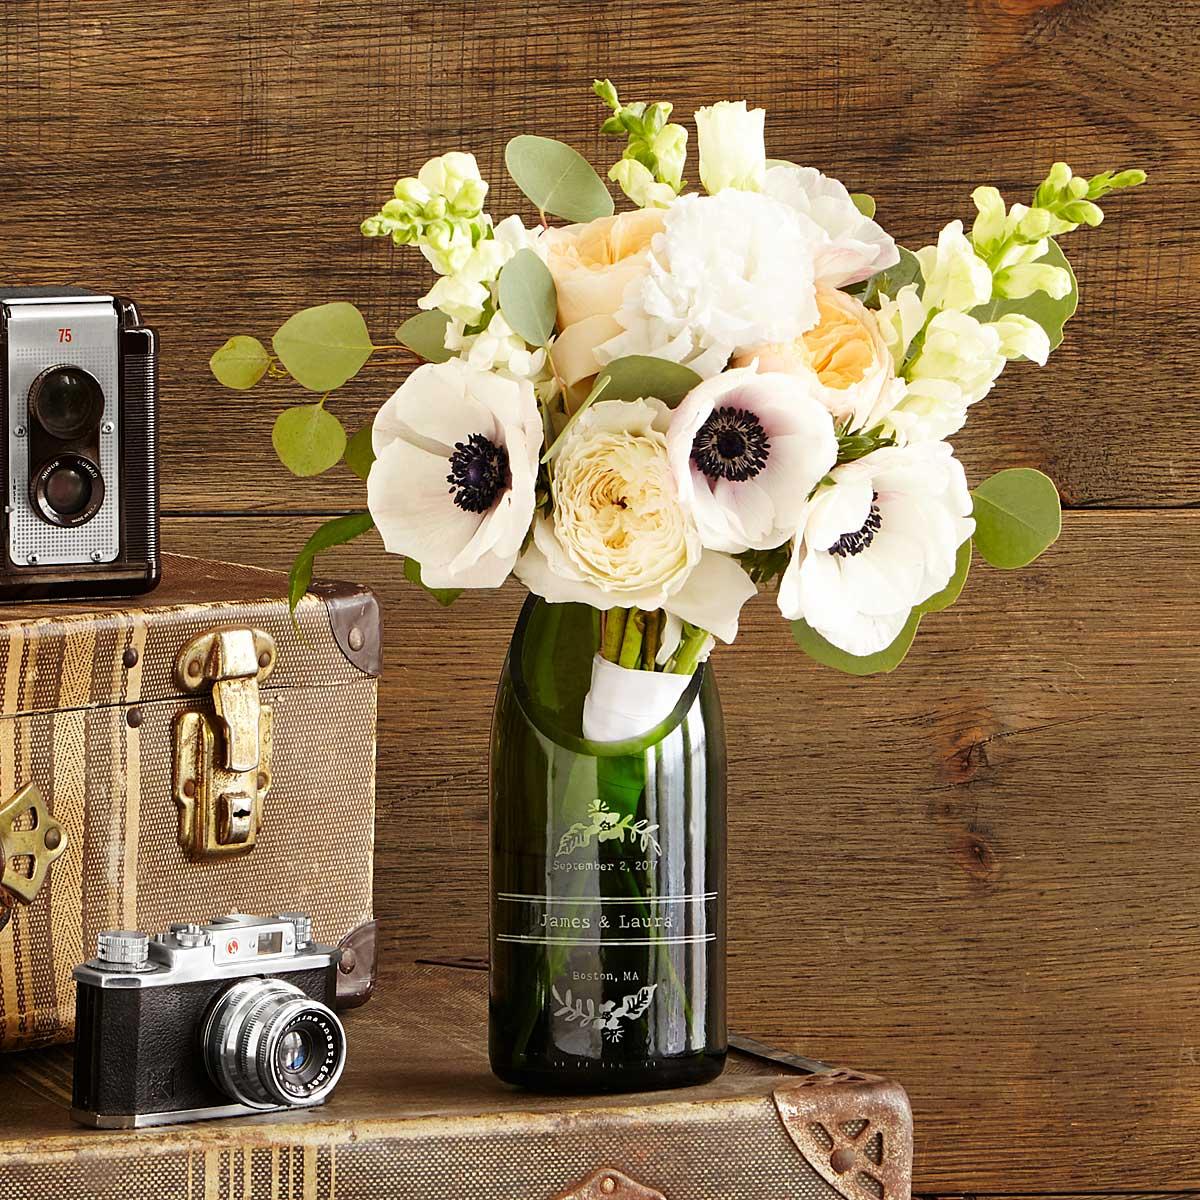 Unique Wedding Gift Idea: 10 Best Bridal Shower Gift Ideas For The Bride -Unique